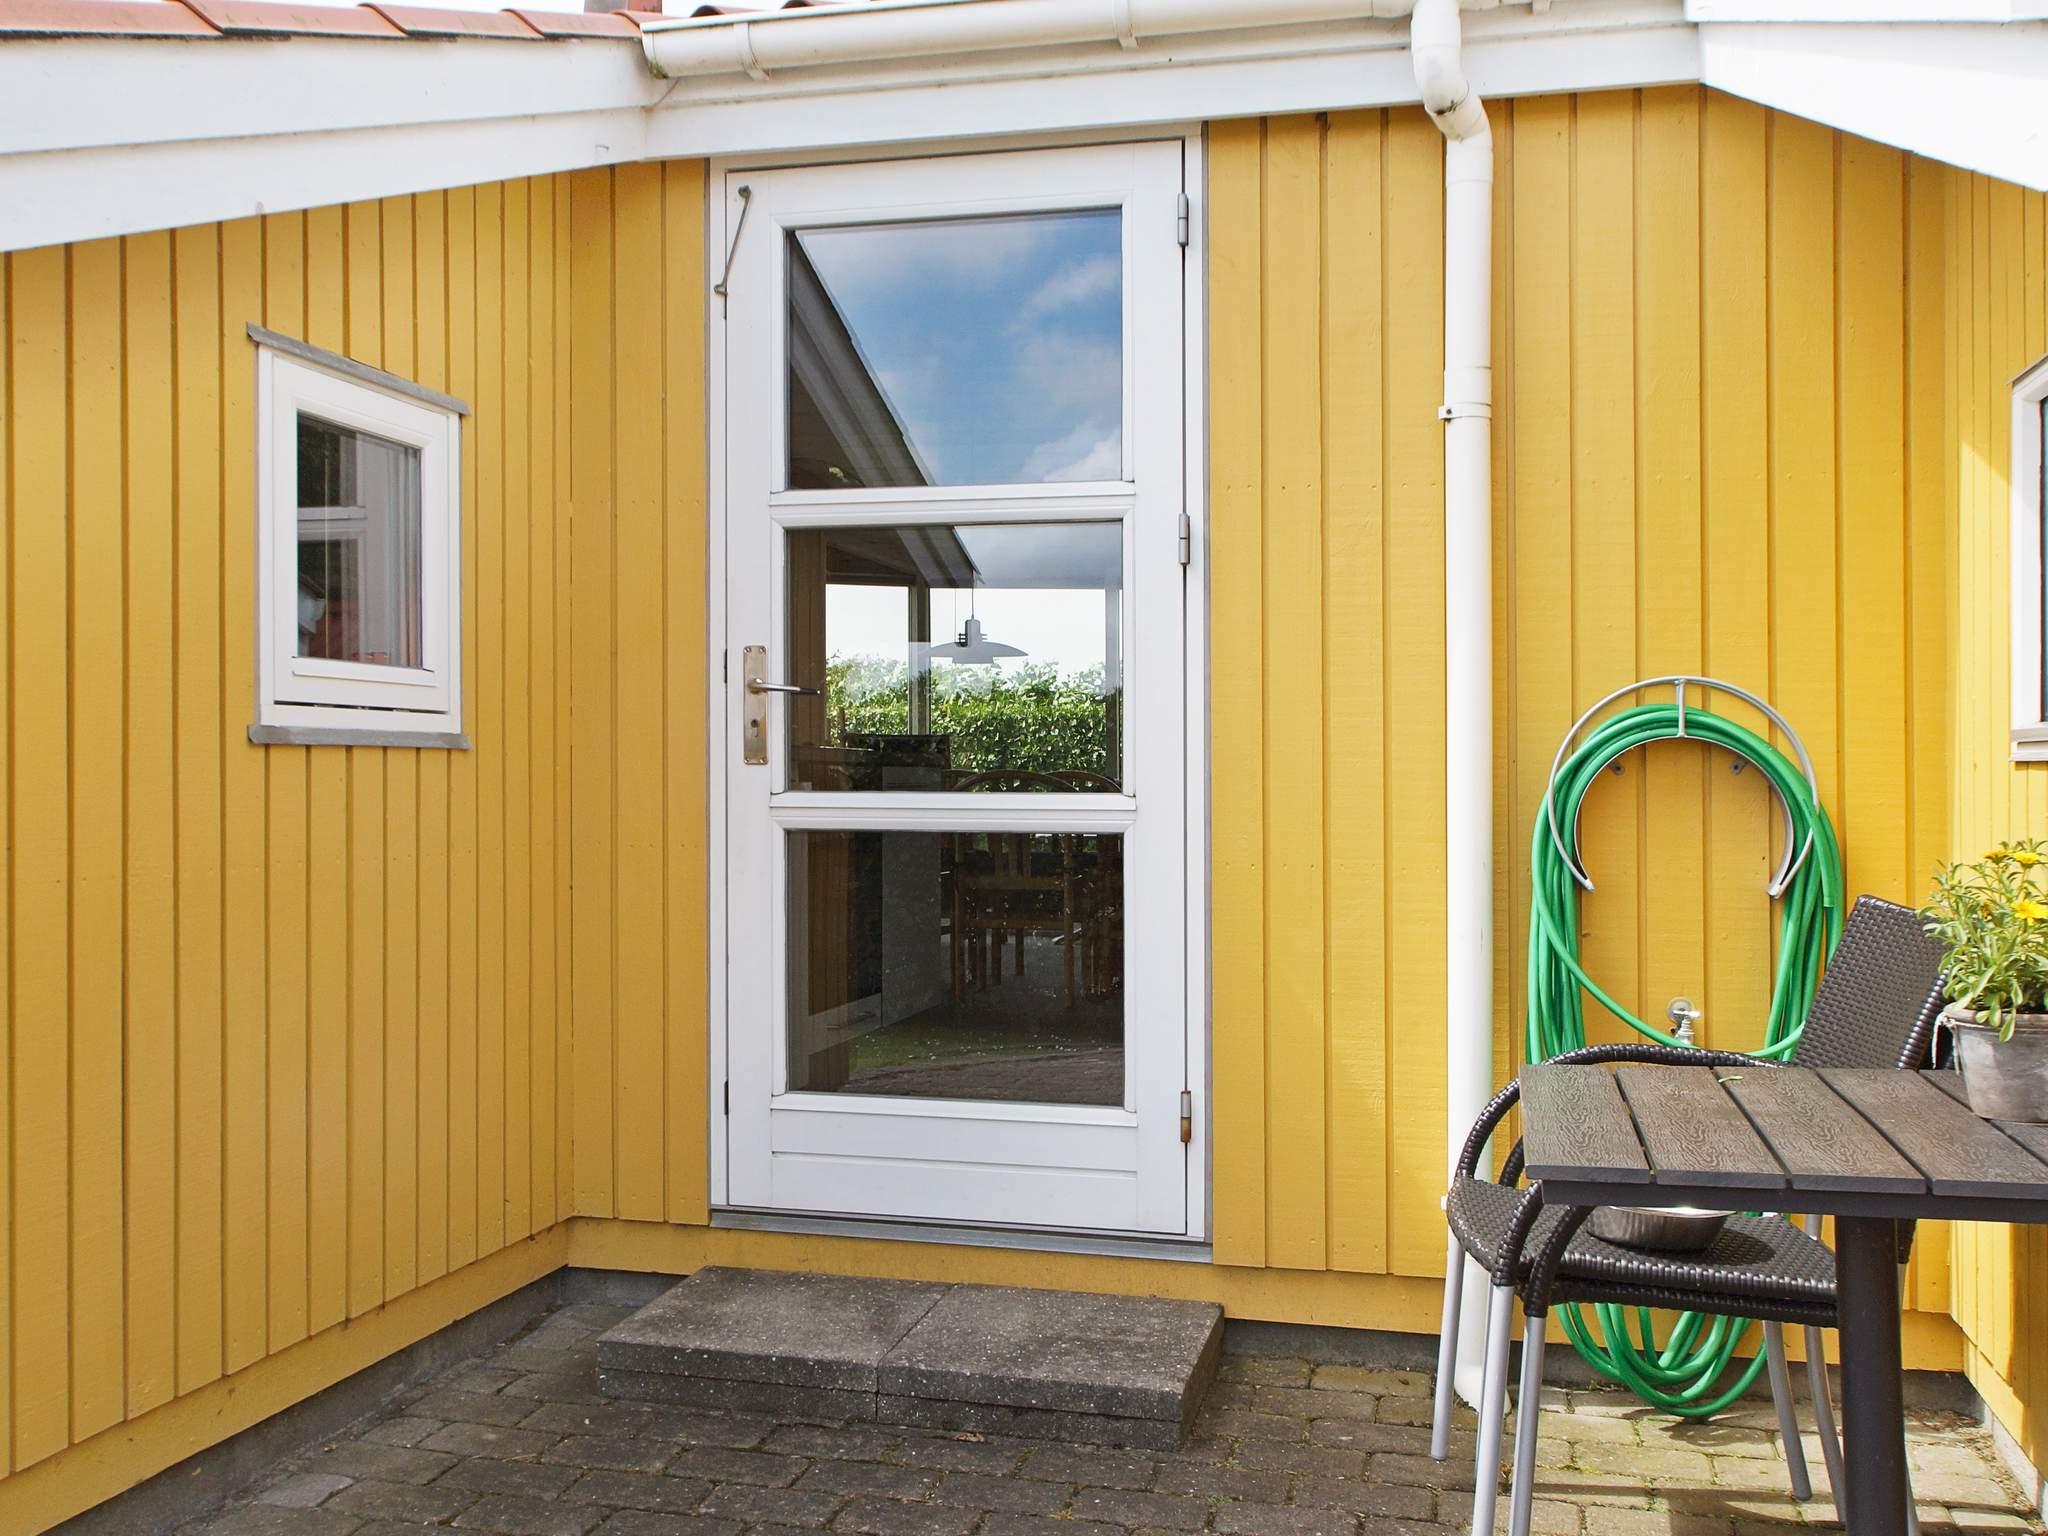 Ferienhaus Bork Havn (241763), Bork Havn, , Westjütland, Dänemark, Bild 4